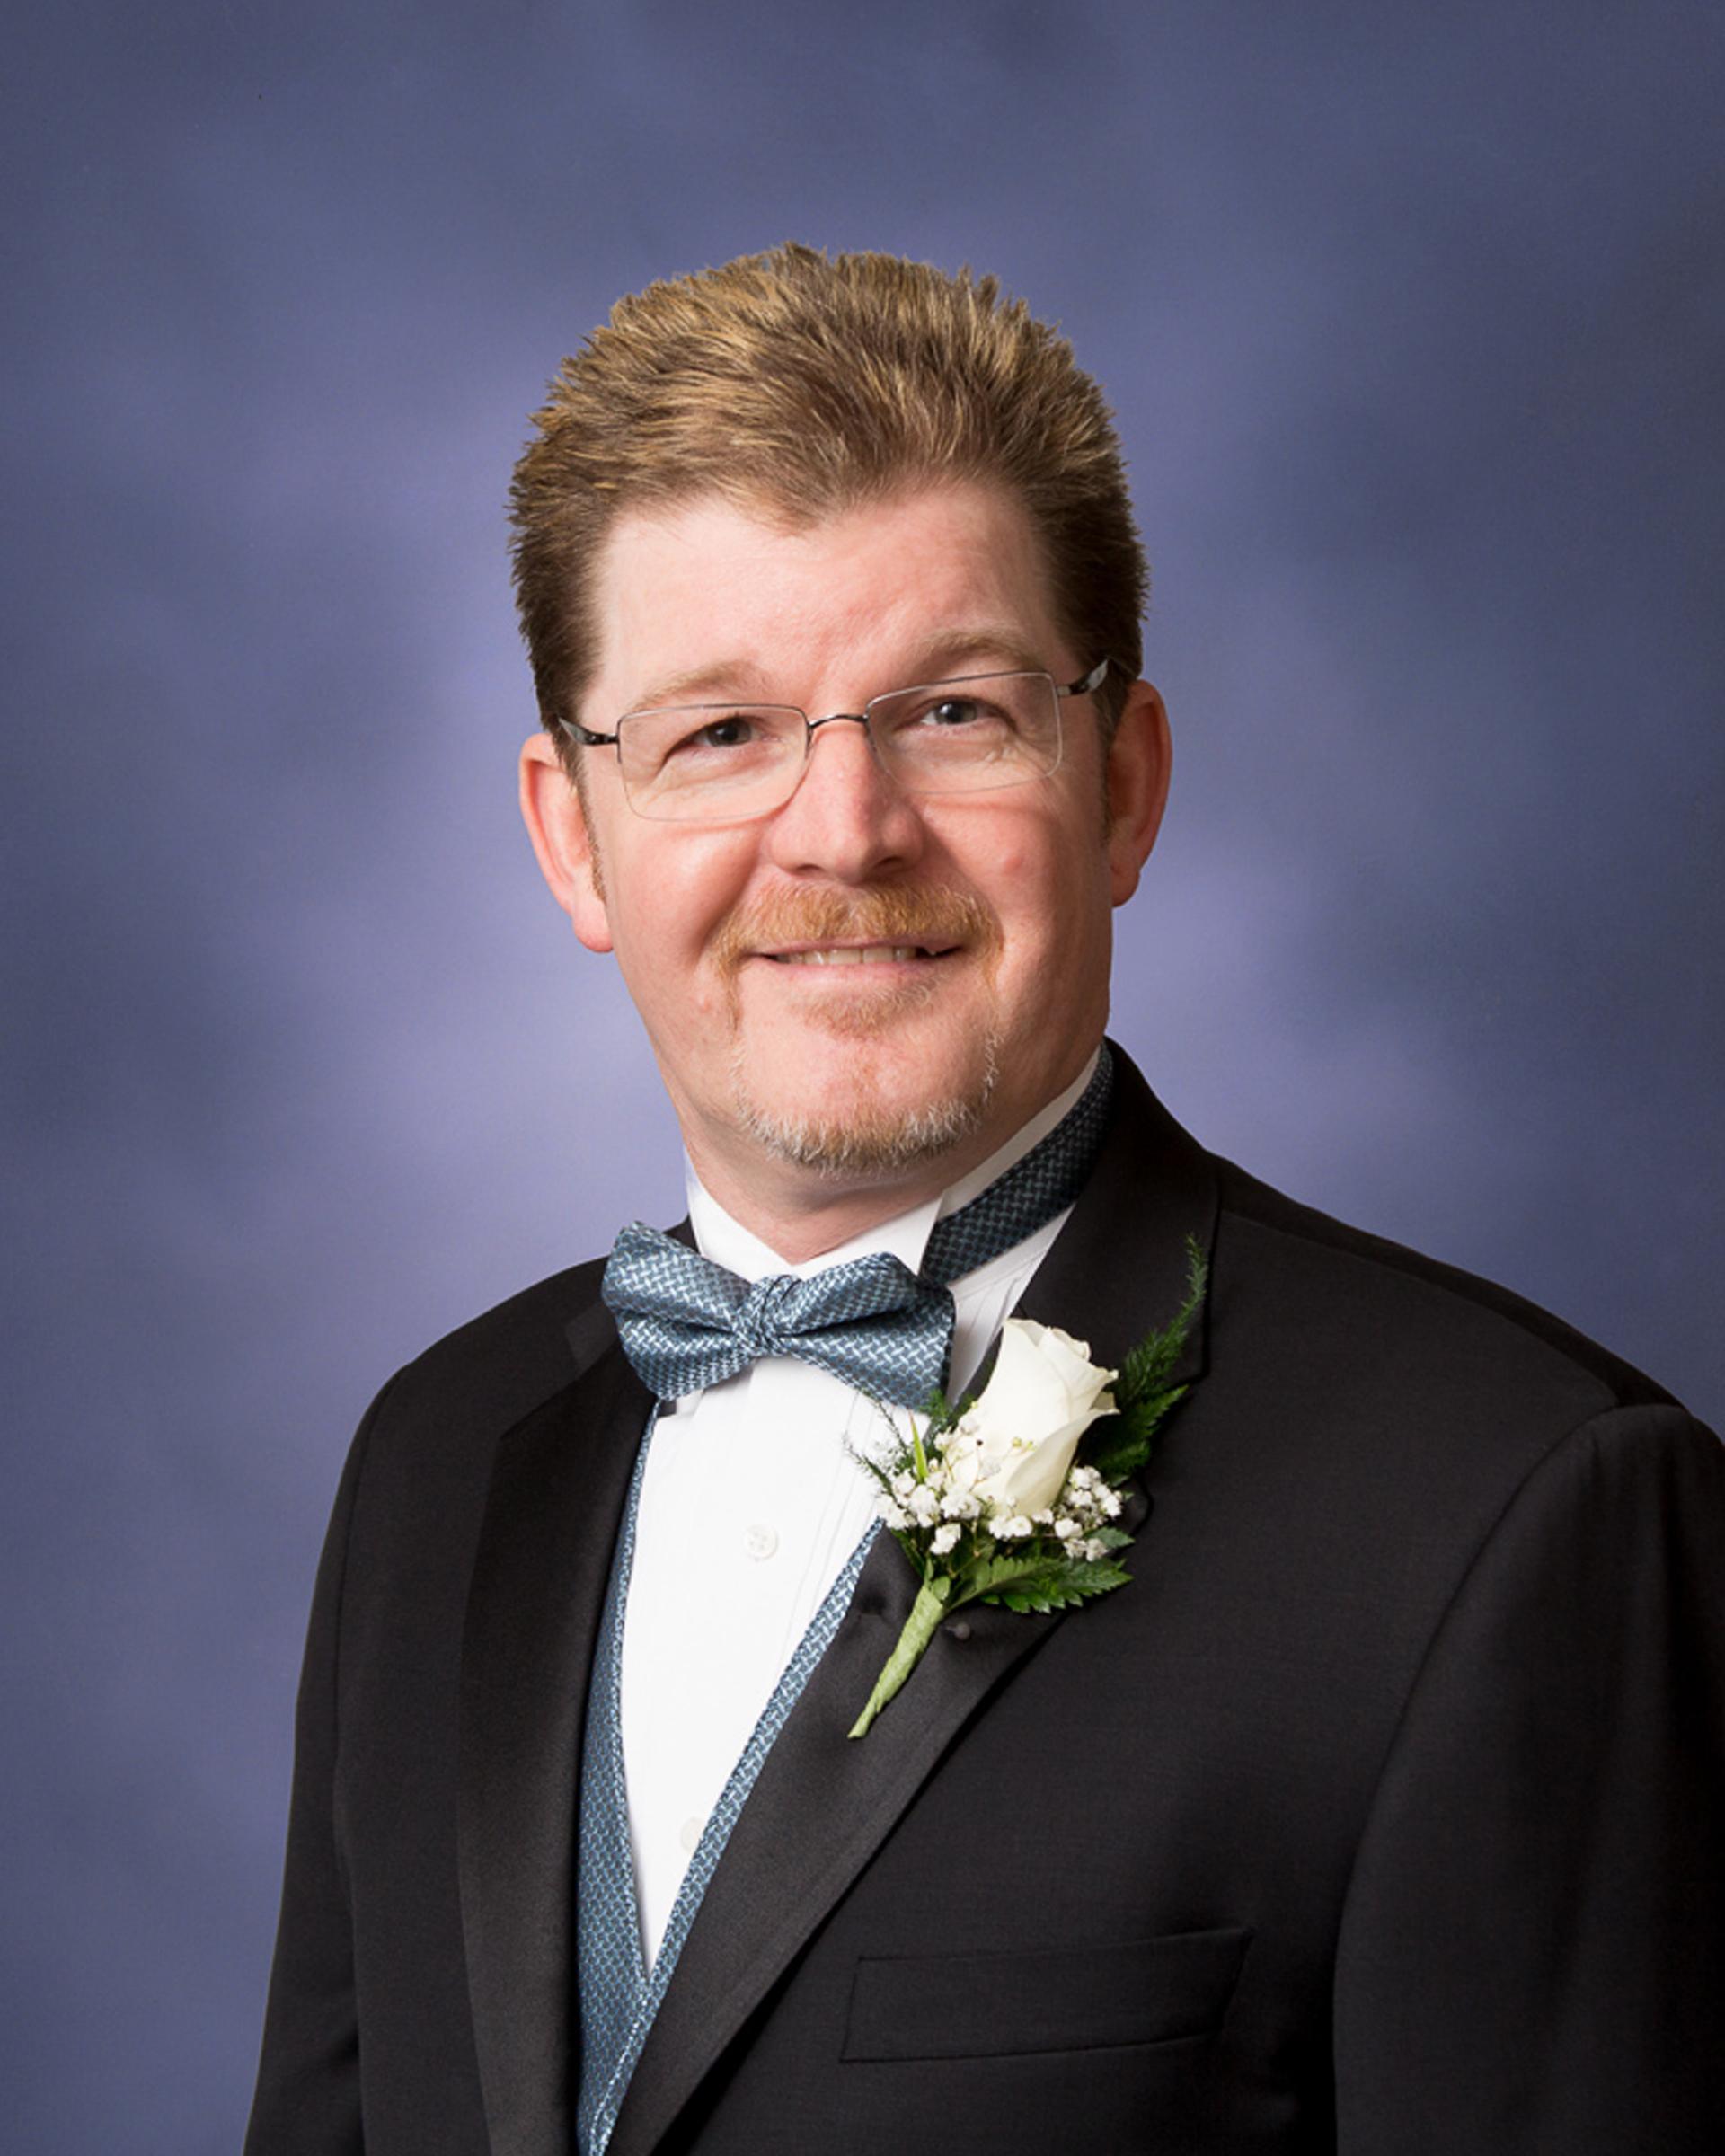 Steve Ashworth